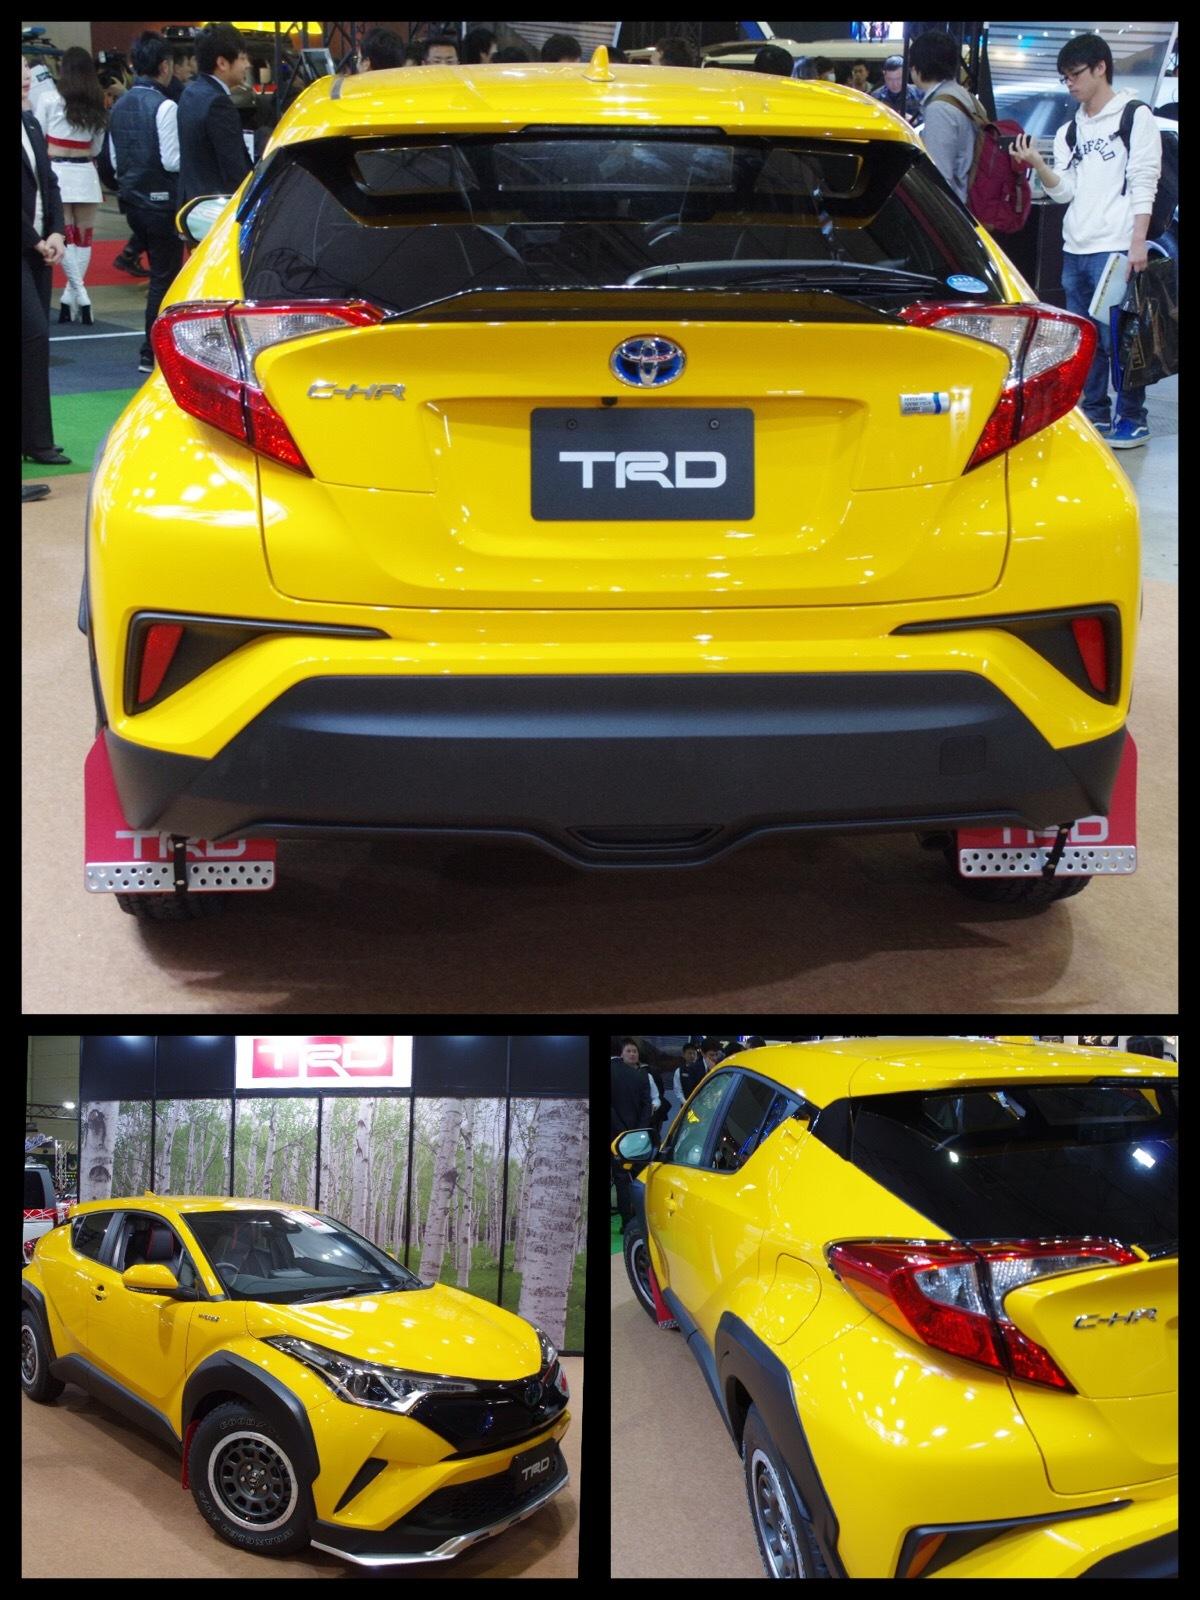 トヨタC-HR カスタマイズ TRD エクストリームスタイル 東京オートサロン2017